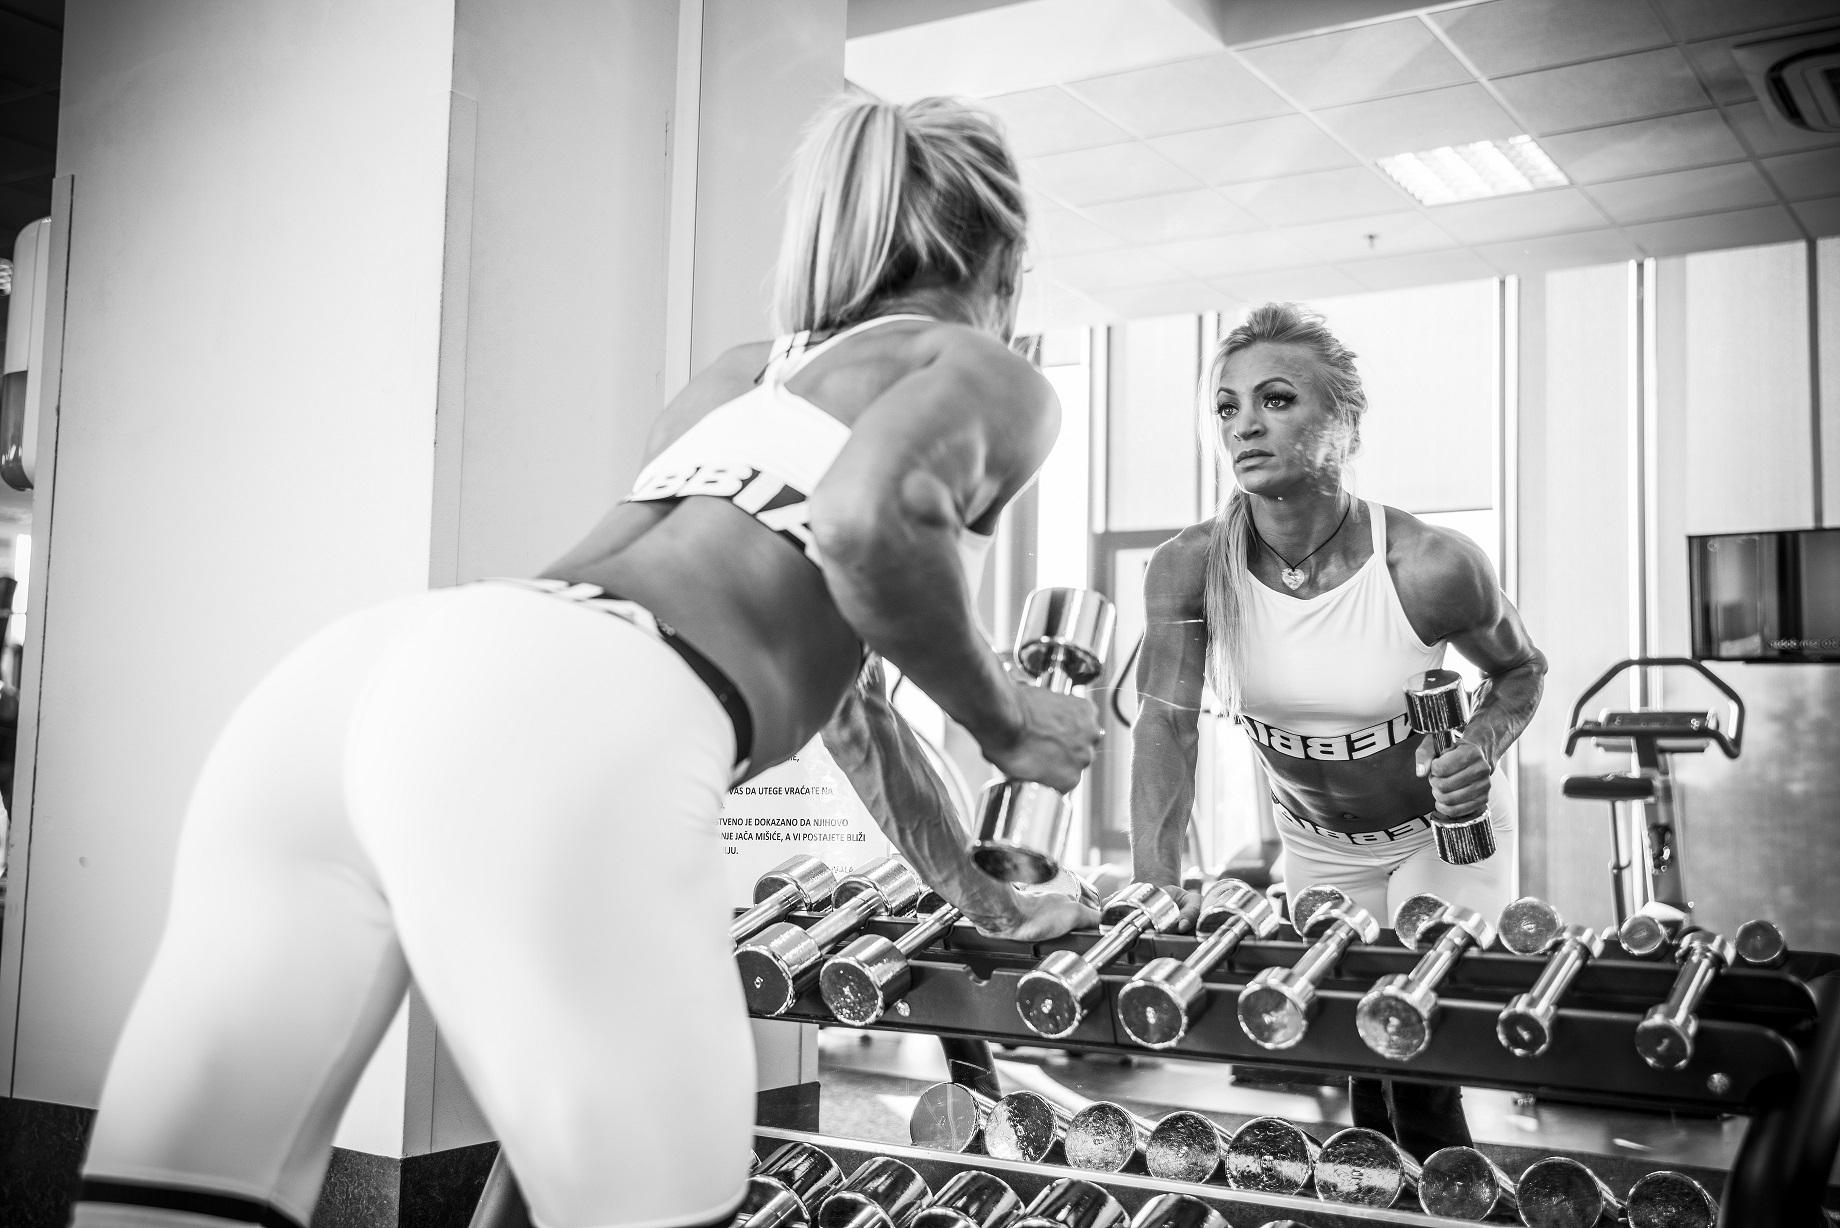 """Doručkuj kao kralj(ica)? iliti Gdje je nestao kraljičn doručak?, Razbila sam 10 fitness mitova!, Tvoja savršena formula za trening""""Ali ja stvarno pazim na prehranu!"""", Prvi korak je najteži"""